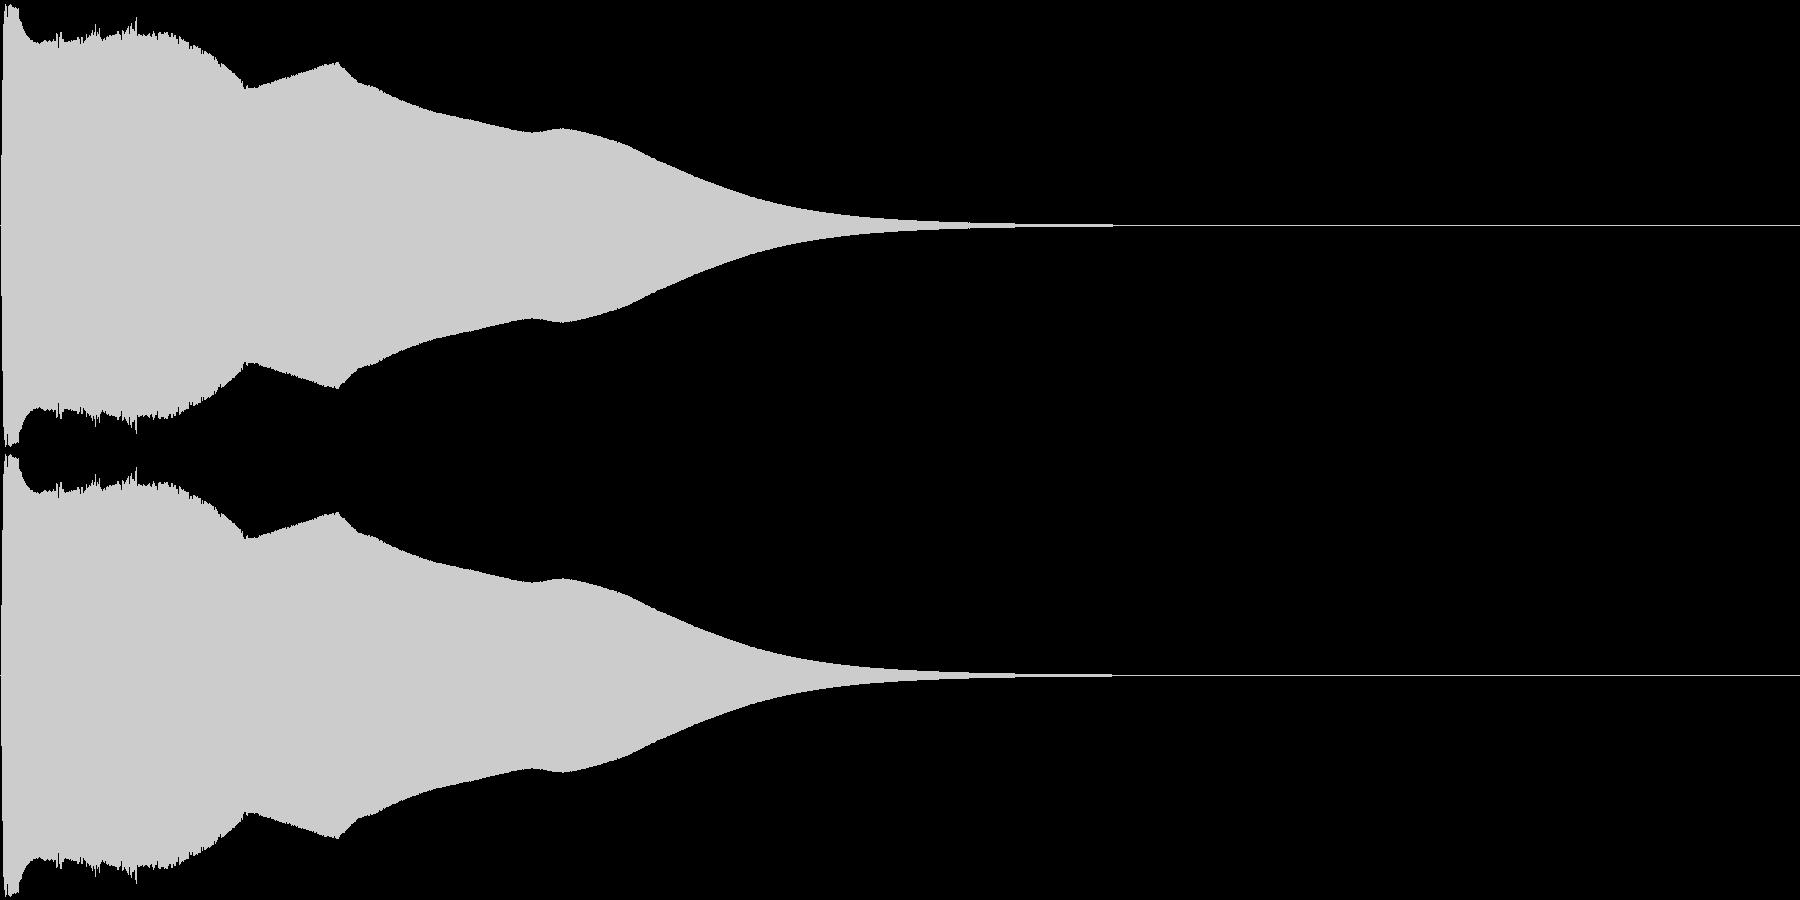 チューン(気が抜けたような電子音)の未再生の波形